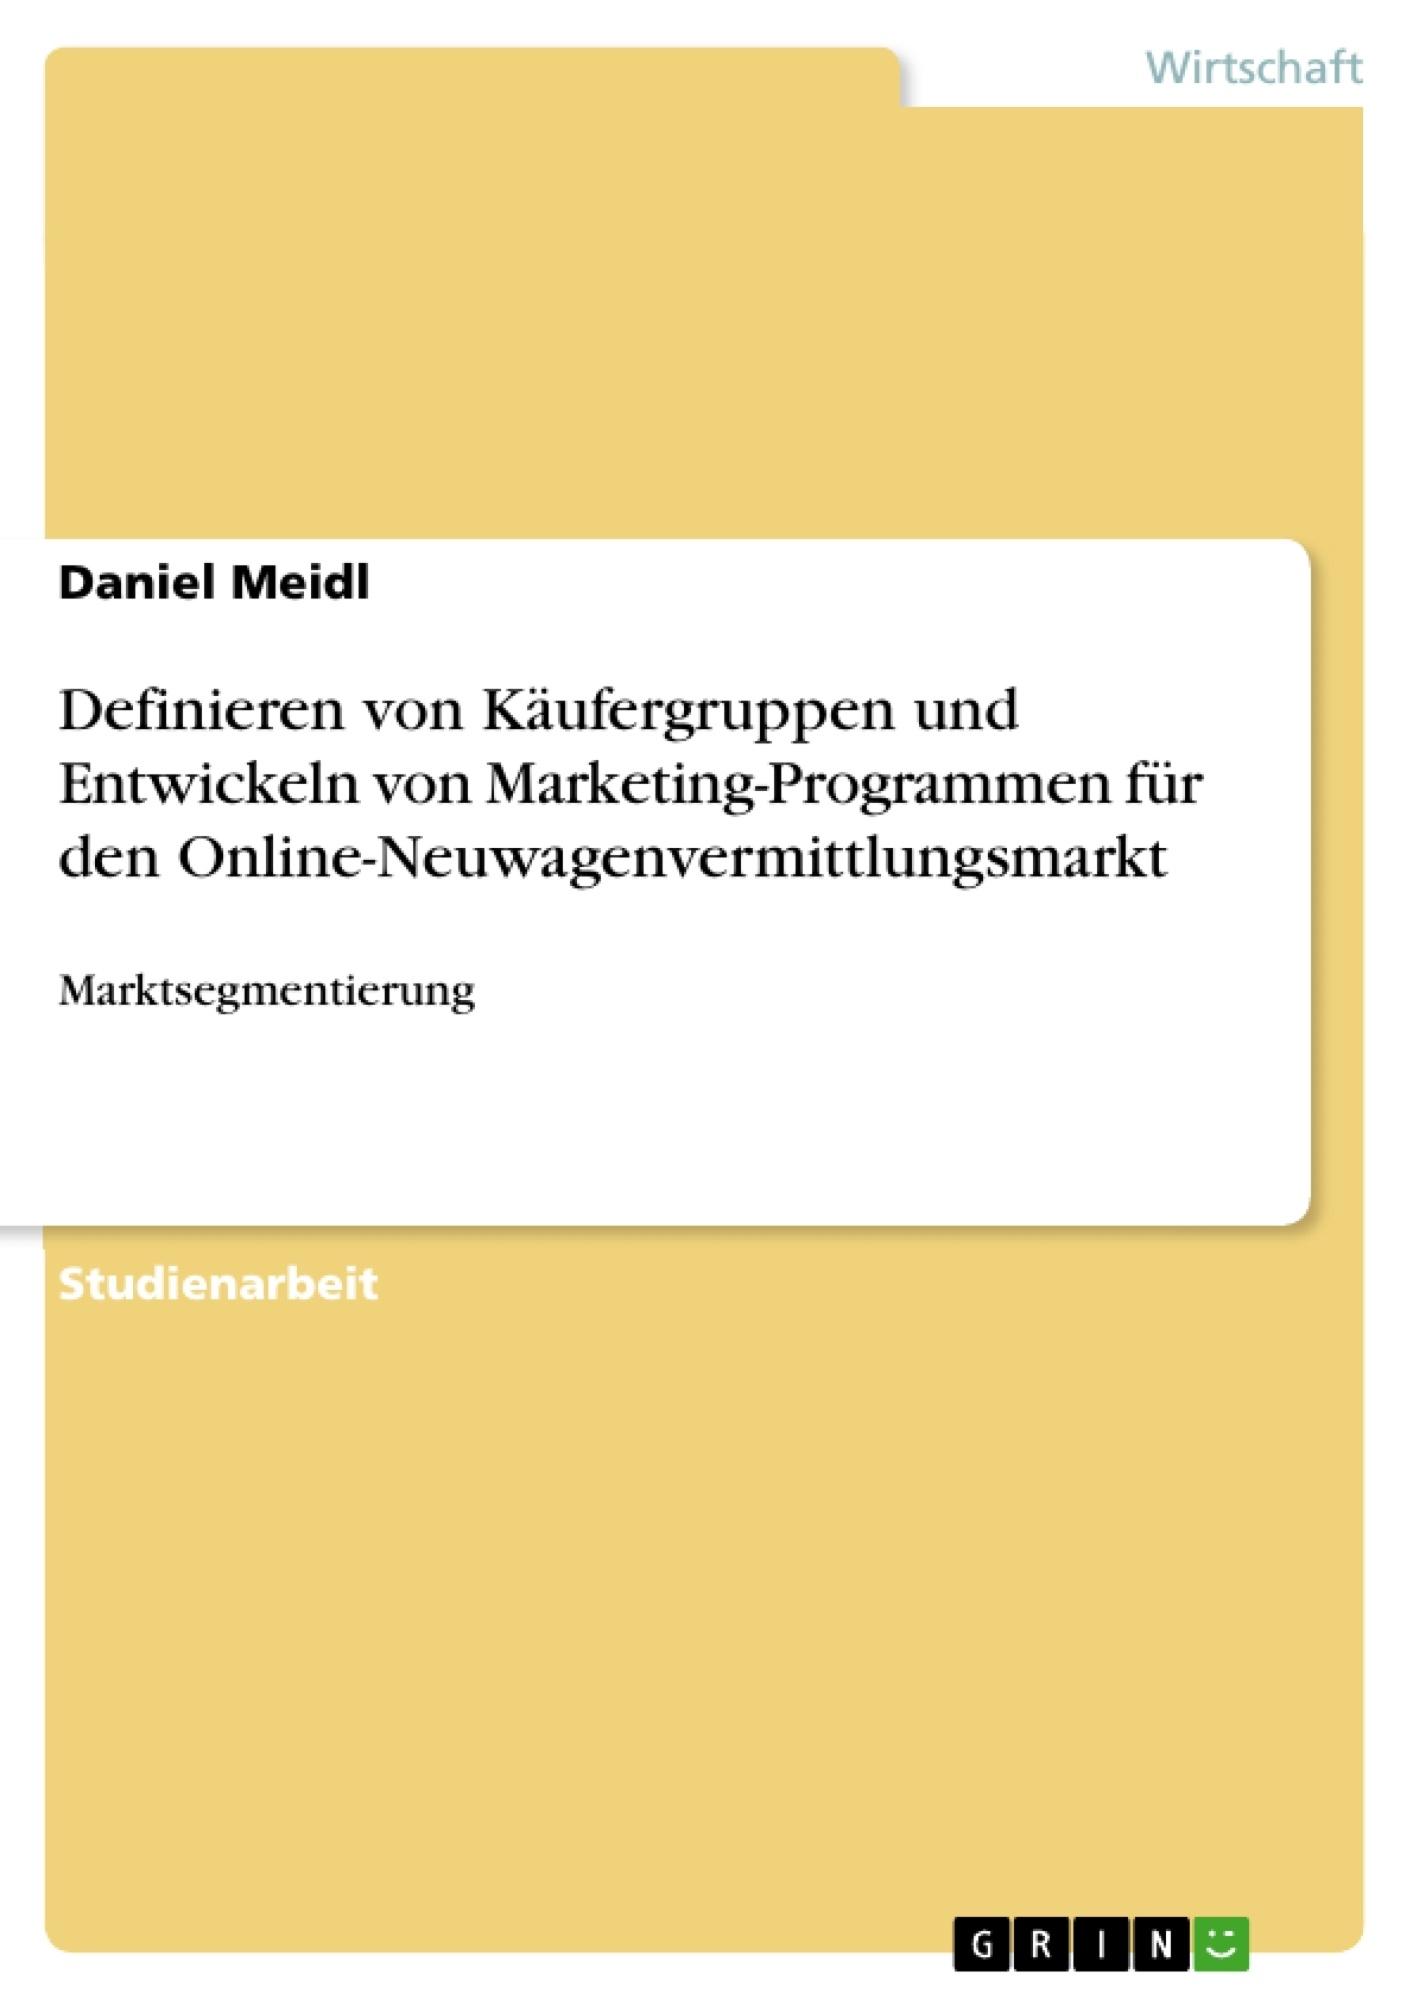 Titel: Definieren von Käufergruppen und Entwickeln von Marketing-Programmen für den Online-Neuwagenvermittlungsmarkt